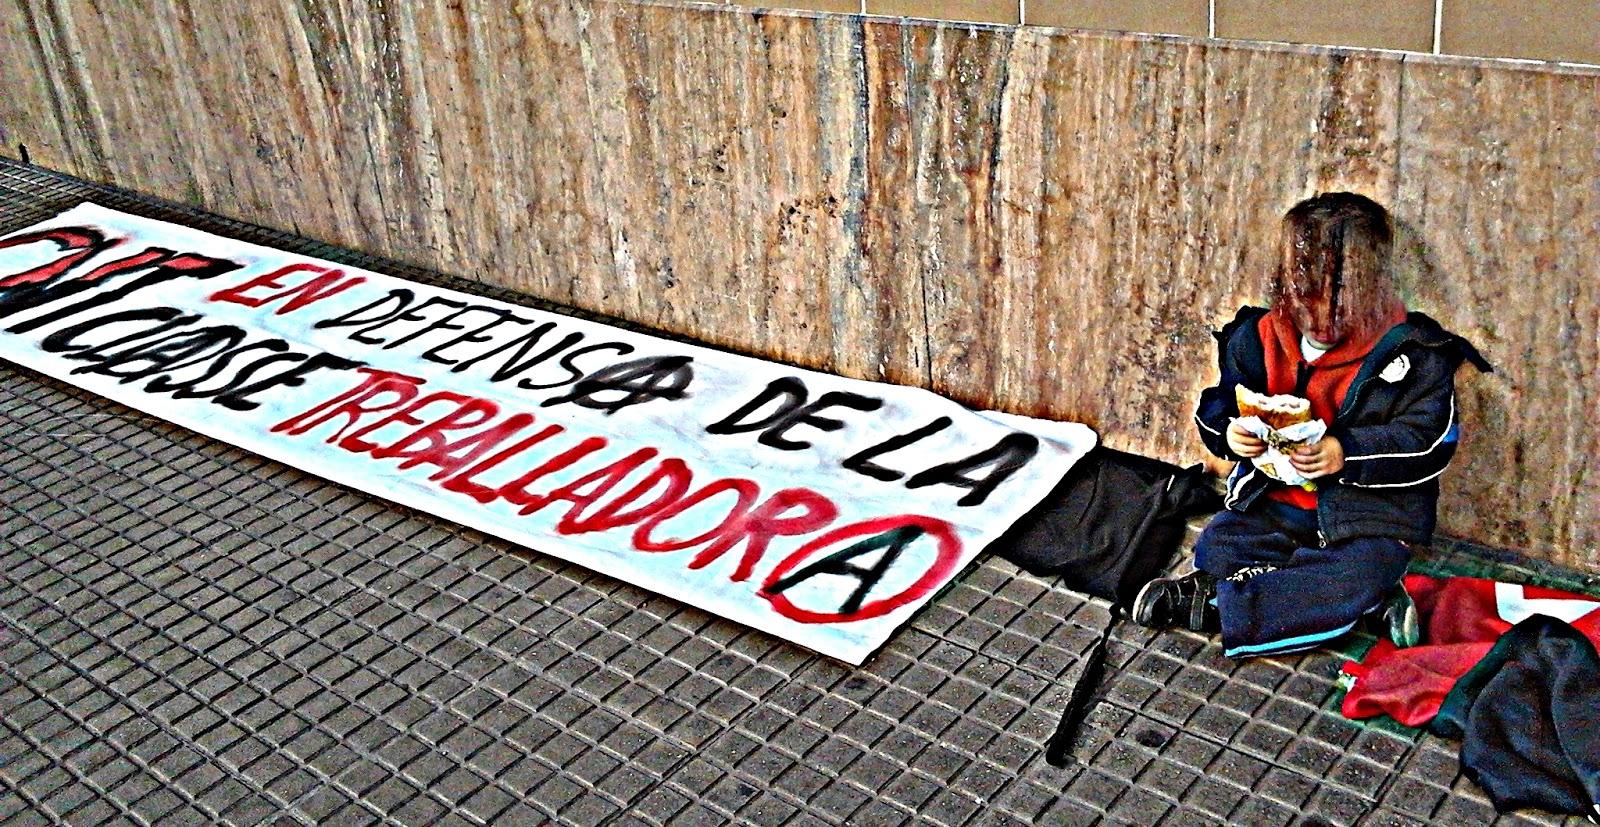 Crónica de la jornada de lucha en solidaridad con l@s compañer@s despedidos de Mercadona   No es la primera vez que Mercadona se encuentra en Gandía a una firme oposición a sus políticas empresariales explotadoras.  El pasado sábado 22 de febrero y enmarcando la acción en la semana de lucha confederal contra esta empresa, la militancia del SOV La Safor de la CNT-AIT volvió a personarse ante el supermercado y se solidarizó con las compañeras y compañeros despedidos por Mercadona bajo injustas acusaciones y calumnias.  Si bien la coincidencia con el resto de sindicatos en la fecha impidió que nos apoyáramos unos a otros en estas concentraciones y el número de militancia presente no era para nada elevado, los resultados obtenidos fueron realmente satisfactorios.  Megáfono en mano explicamos a los transeúntes en qué consistían las políticas empresariales de Mercadona y las relaciones del empresario Roig con la extrema derecha.  Al mismo tiempo aprovechamos para exponer nuestra alternativa anarquista y revolucionaria, afirmando una y otra vez que el sindicato anarquista CNT no se vende ni al estado ni a la patronal y que la Revolución Social es el único camino que nos puede conducir a la superación de esta dramática situación global y a la libertad completa del ser humano.  Aprovechamos también para dirigirnos a la clase trabajadora agrícola de la comarca y hacerles entender que Mercadona es uno de los culpables de la ruina de nuestros campos y cultivos y, por tanto, de la pérdida nuestra autosuficiencia e independencia económica.  Curiosamente y a diferencia de las otras veces no fuimos testigos de la personación de las fuerzas represoras del estado.  Una persona conocida que estaba dentro y nos vio salió para advertirnos de que el encargado estaba llamando a la policía para que acudieran, pero la policía nacional únicamente pasó unas cuantas veces por delante sin llegar a detenerse.   Como anécdota, cuando nos íbamos después de haber terminado con esta acción vimos que